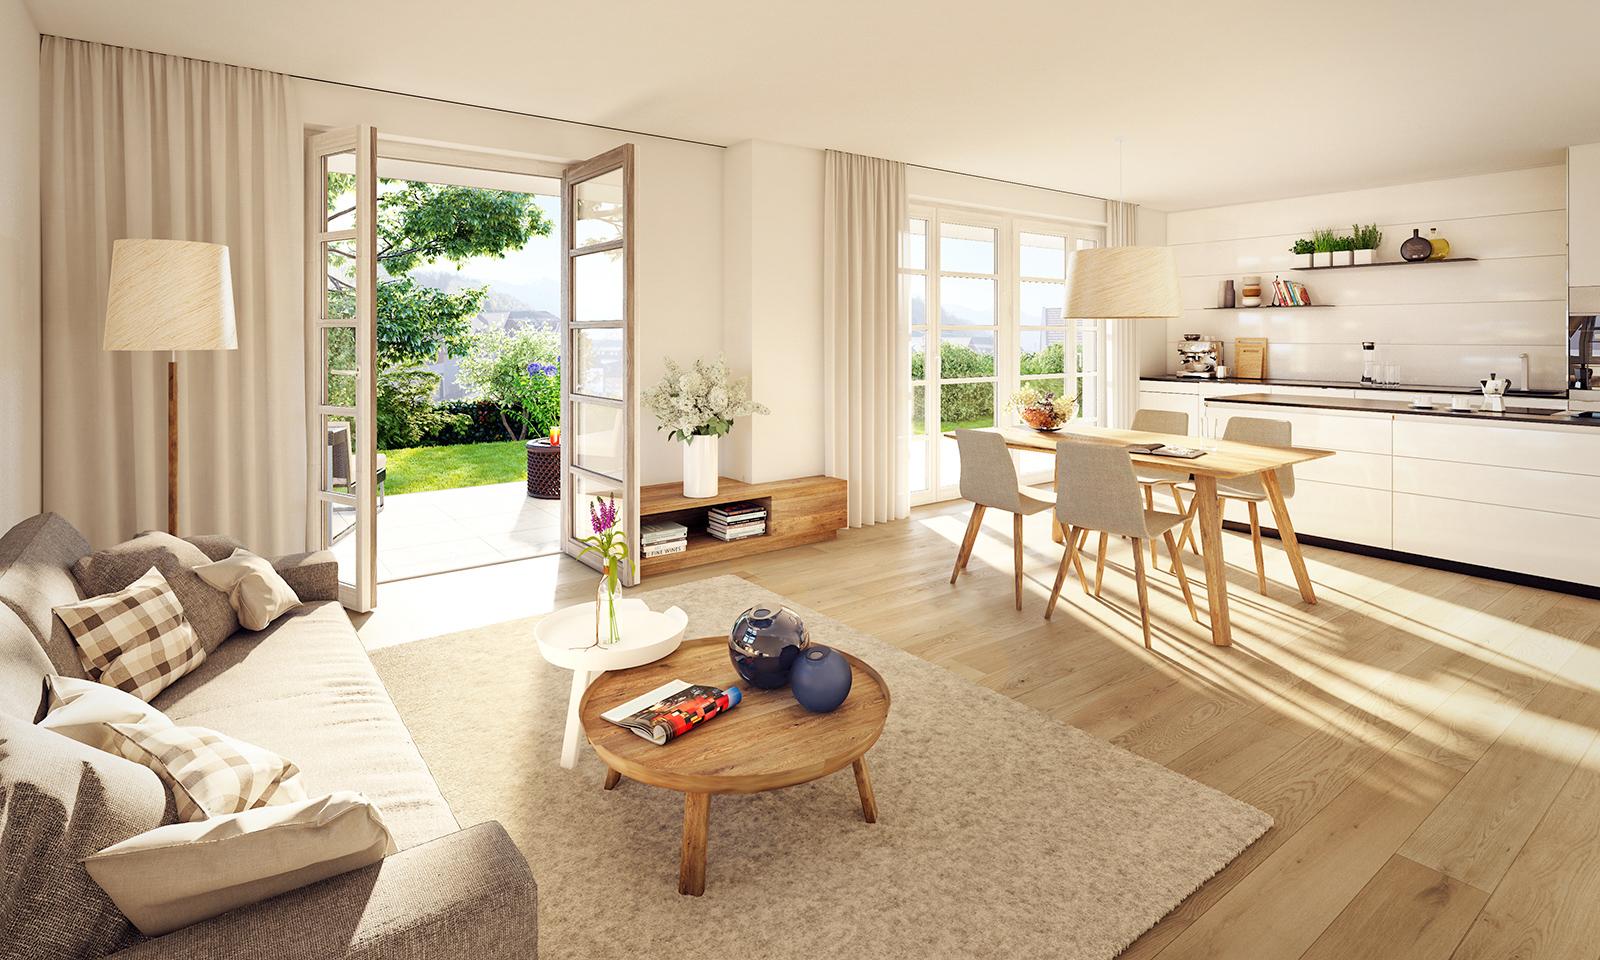 tegernsee-wohnungen-kaufen-quartier-leeberg-interior.jpg